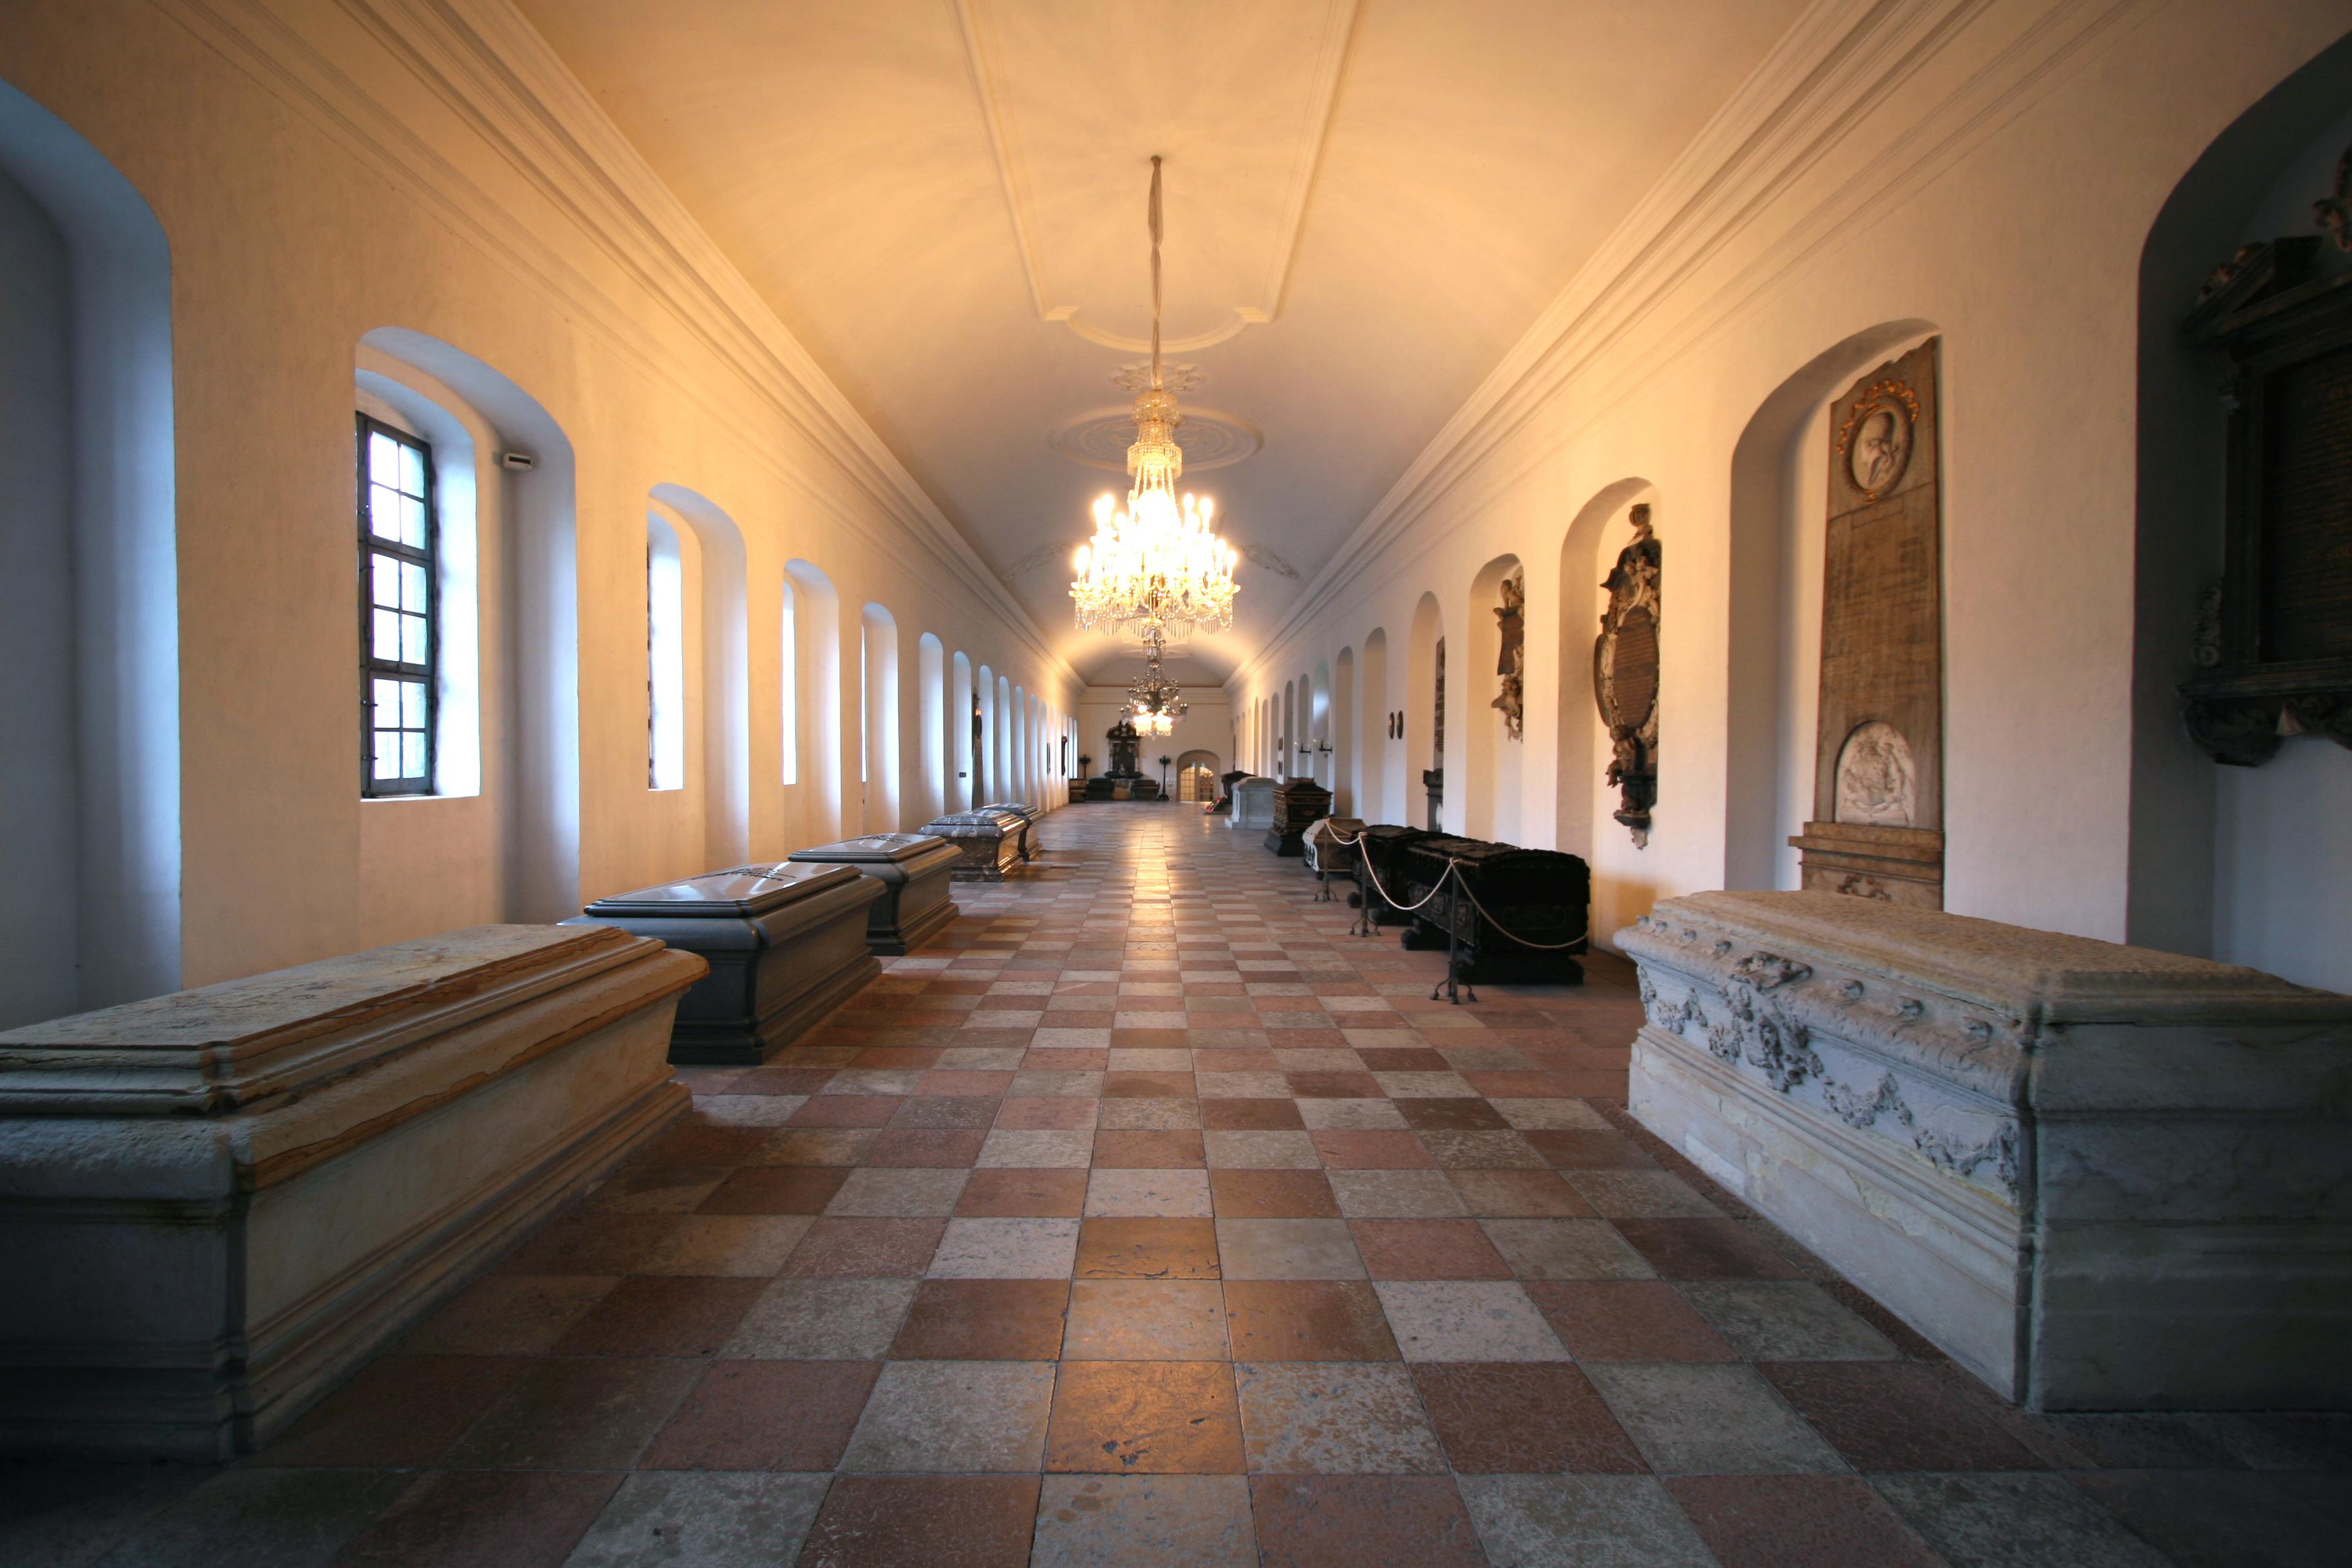 File:Holmens Kirke Copenhagen chapel interior south wide.jpg - Wikimedia Commons